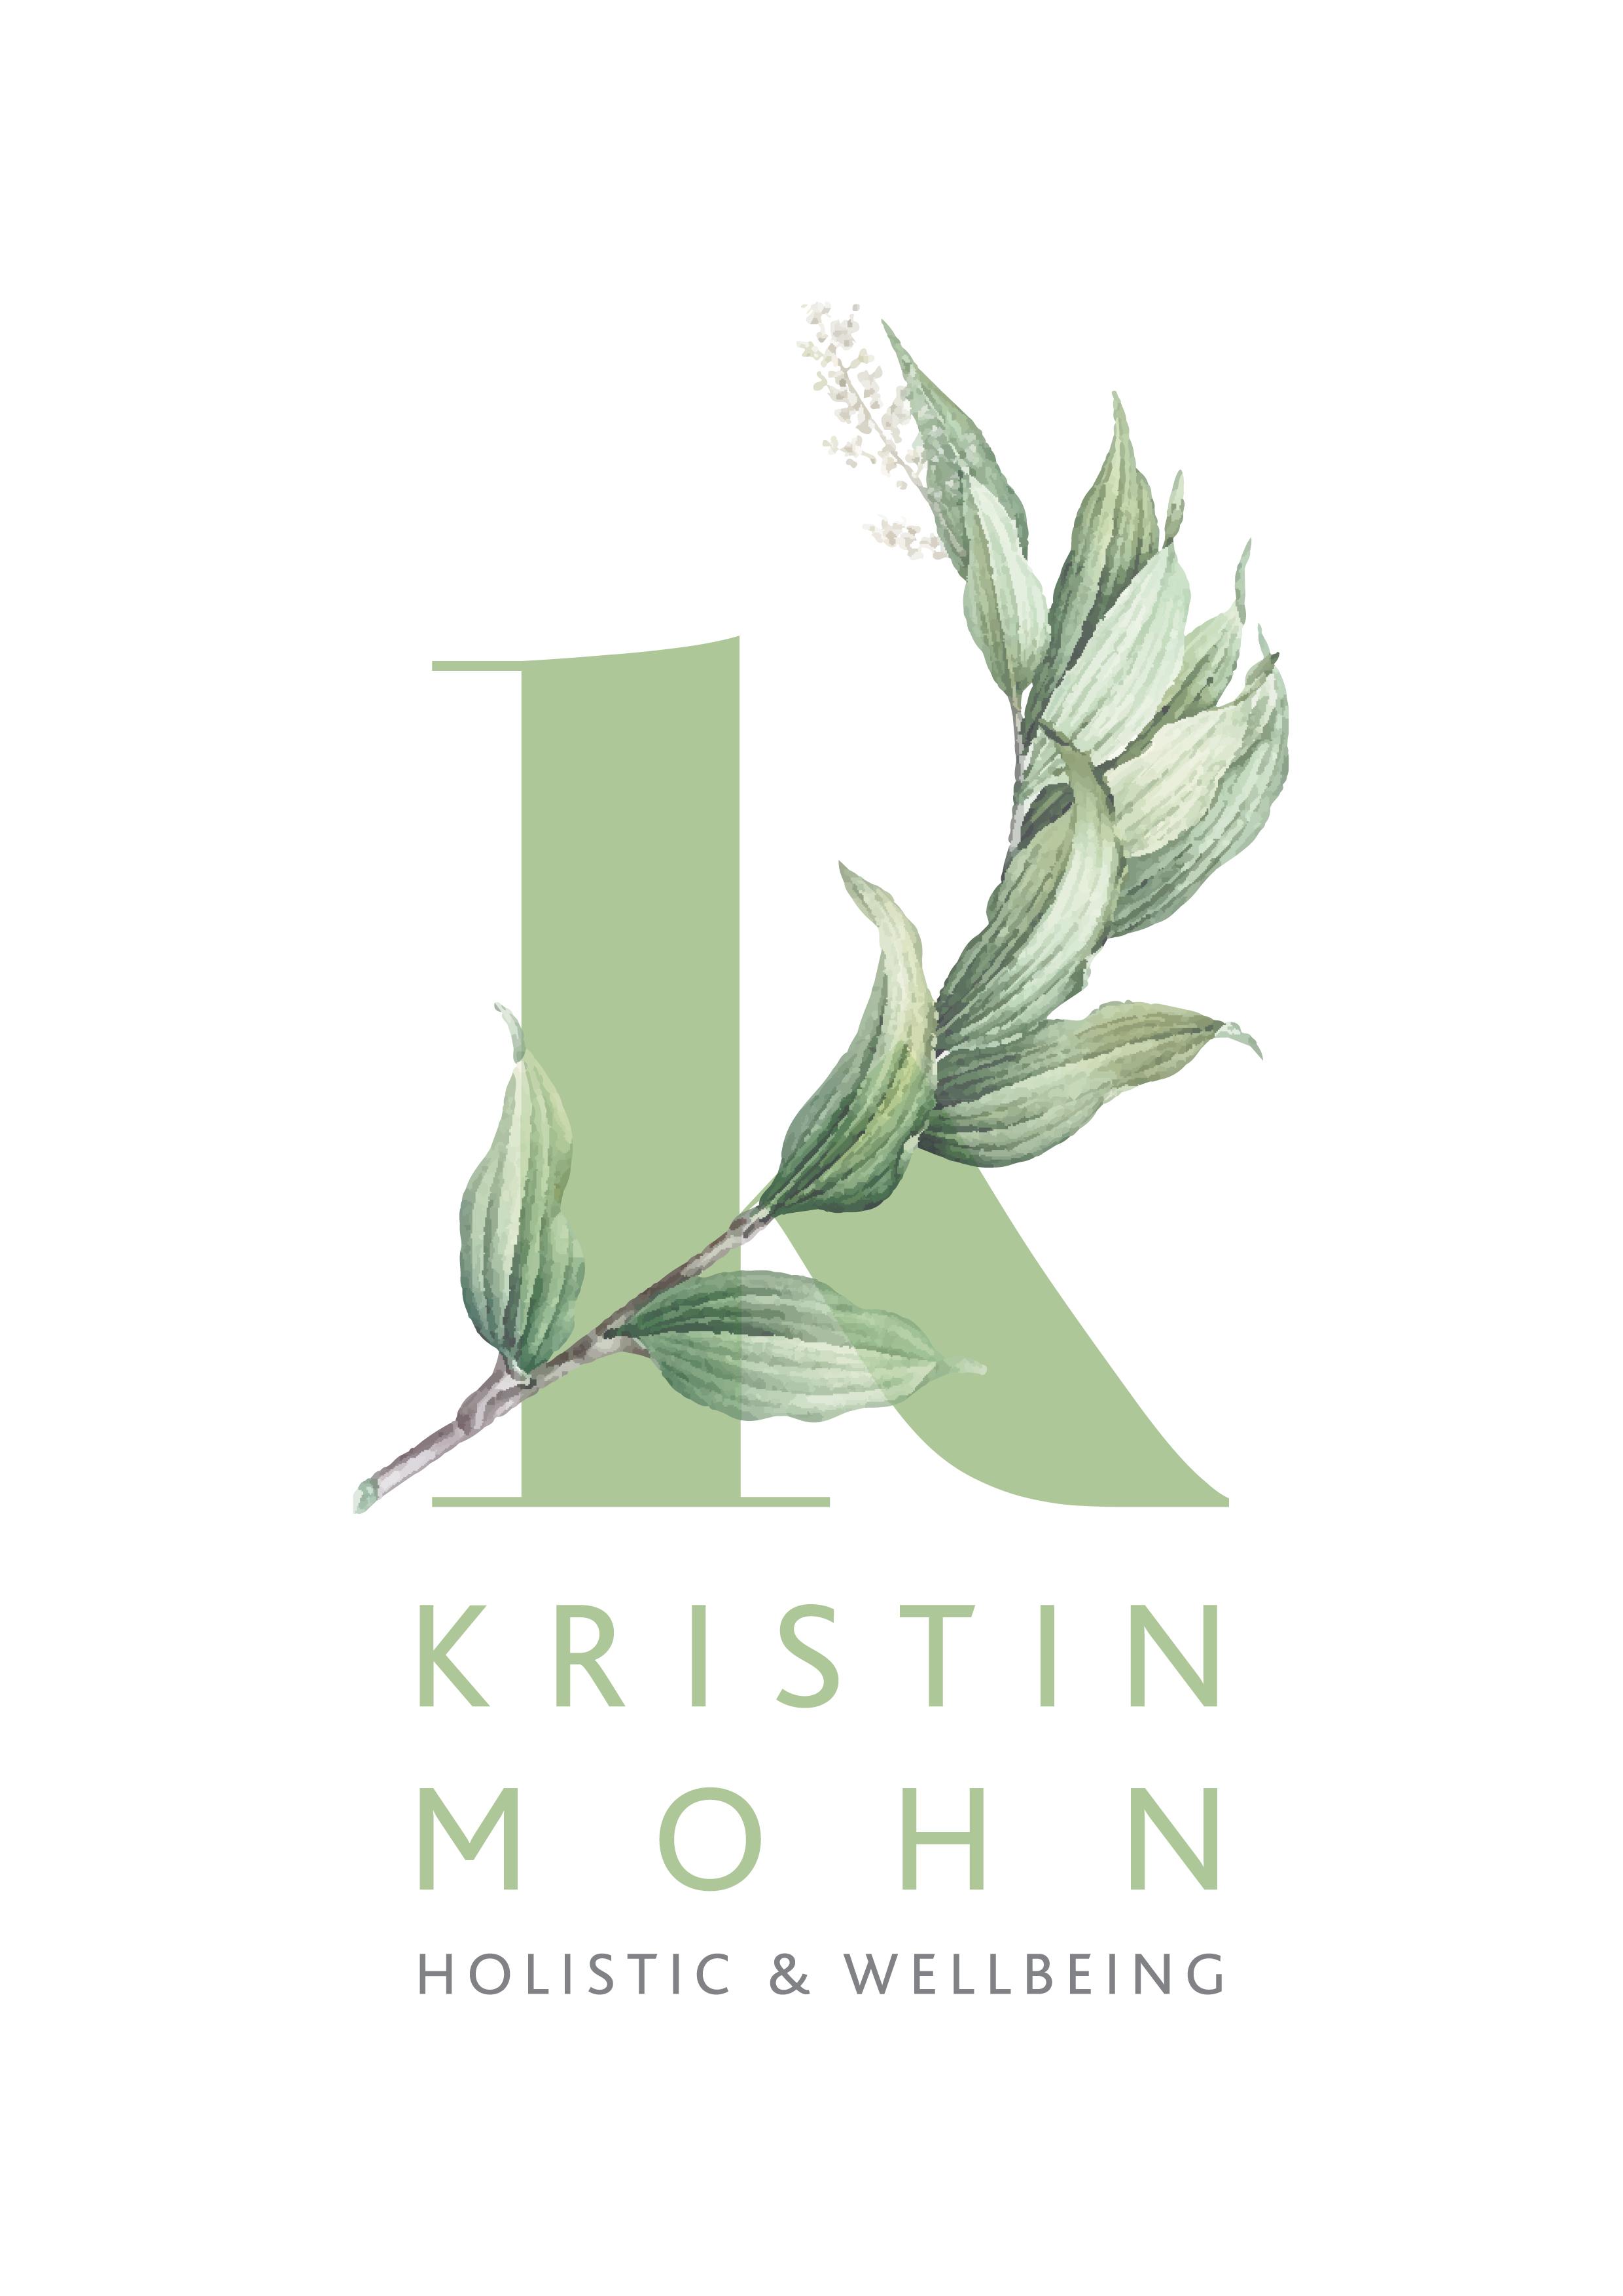 Kristin Mohn logo.jpg